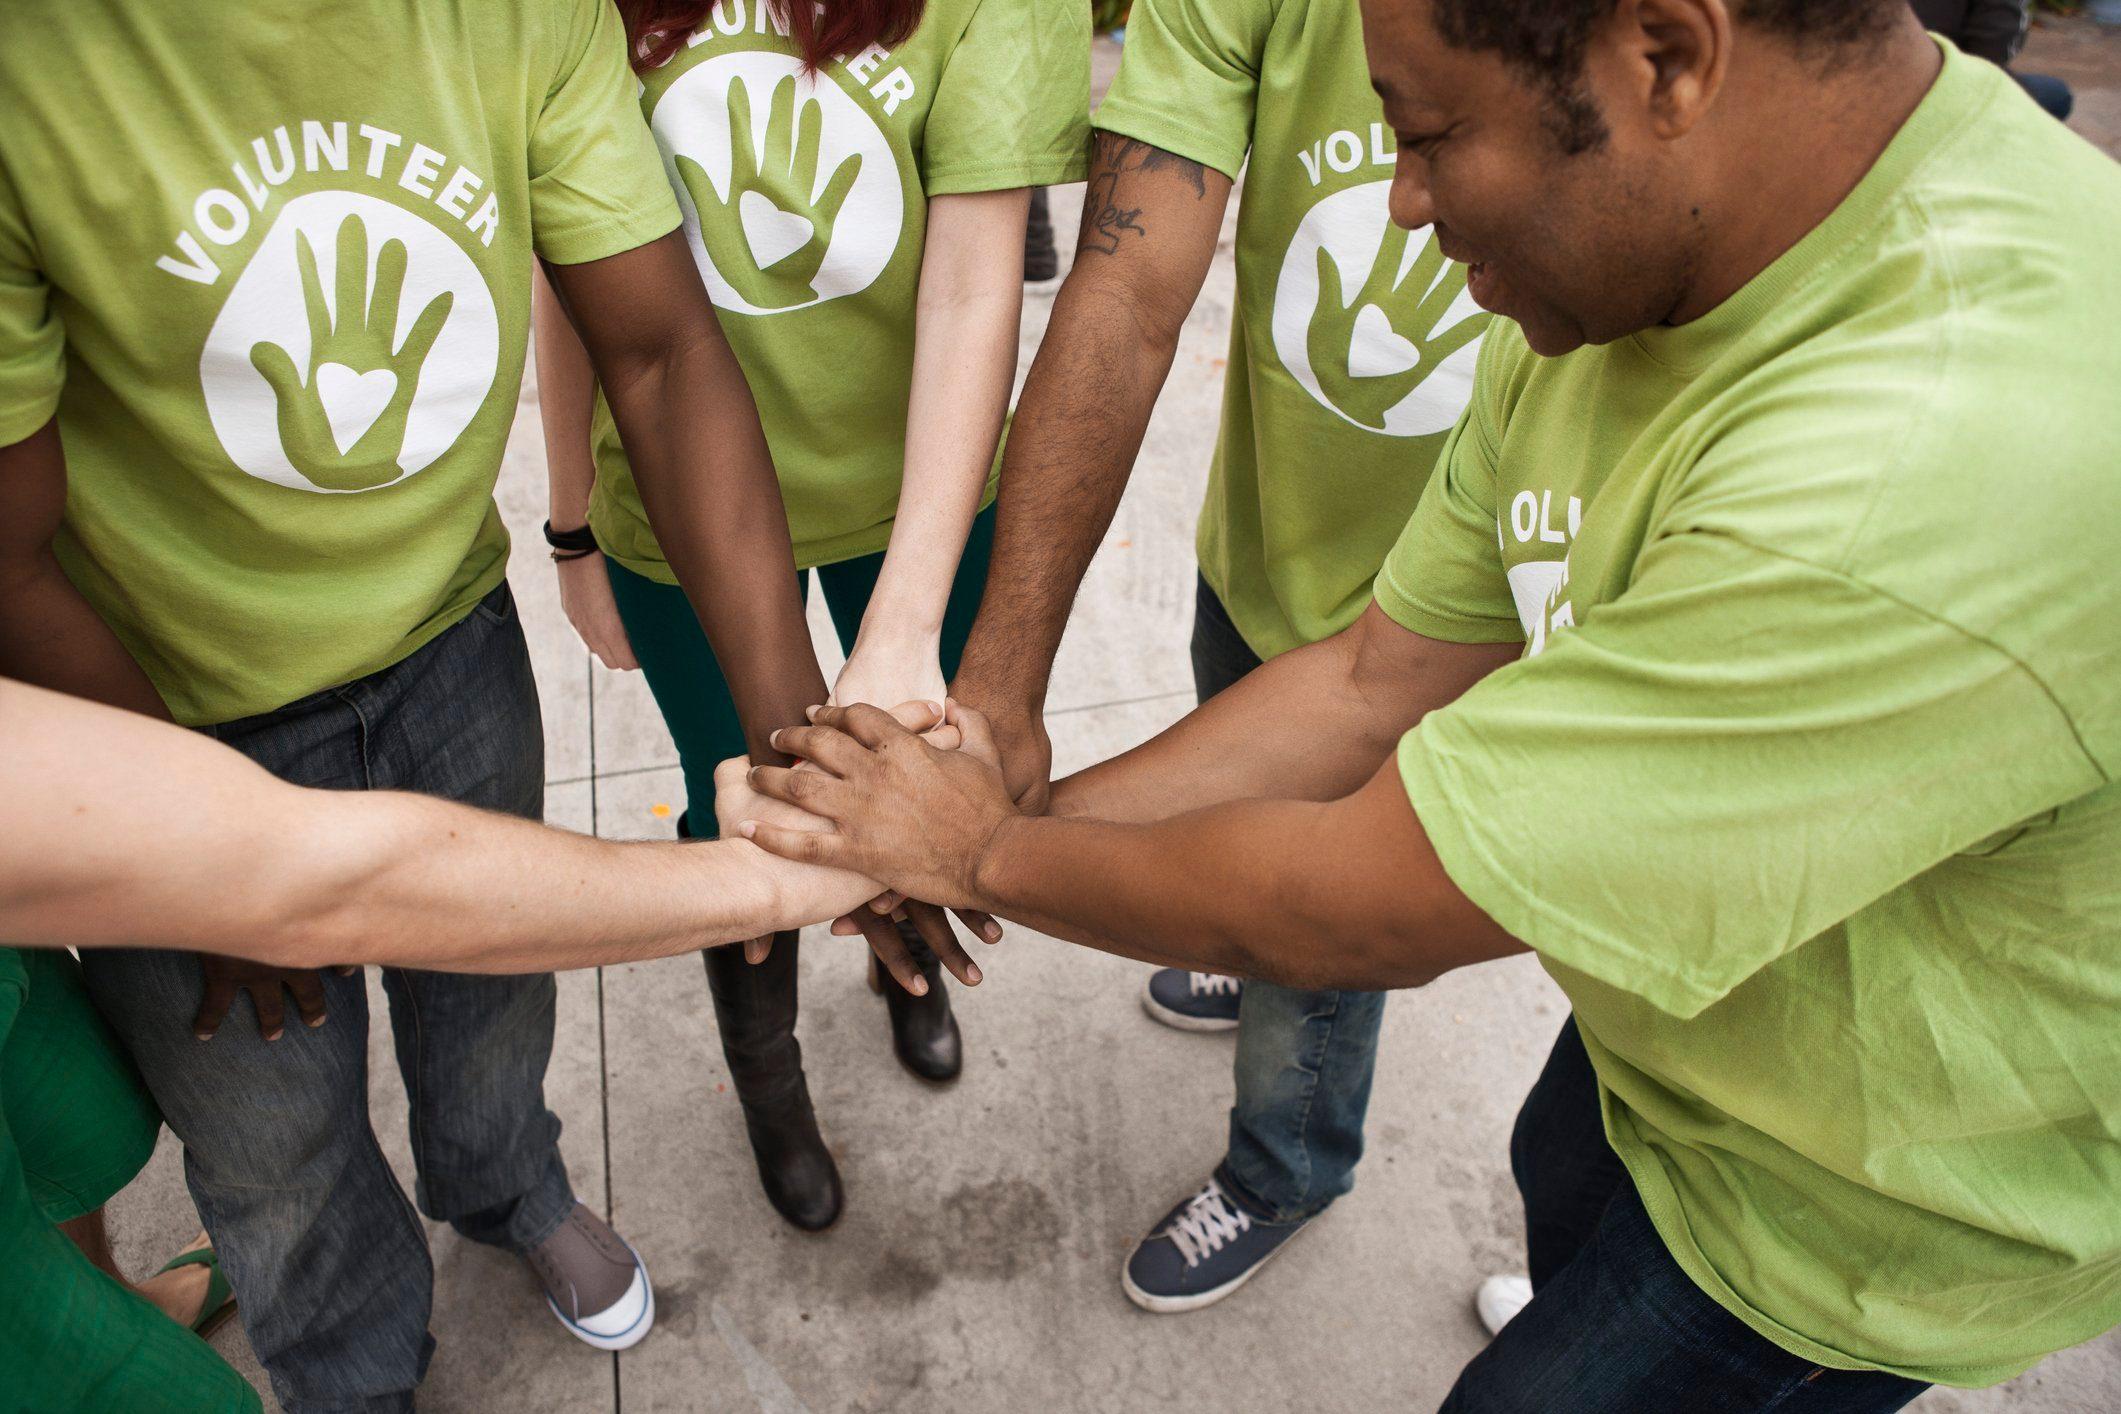 volunteers holding hands